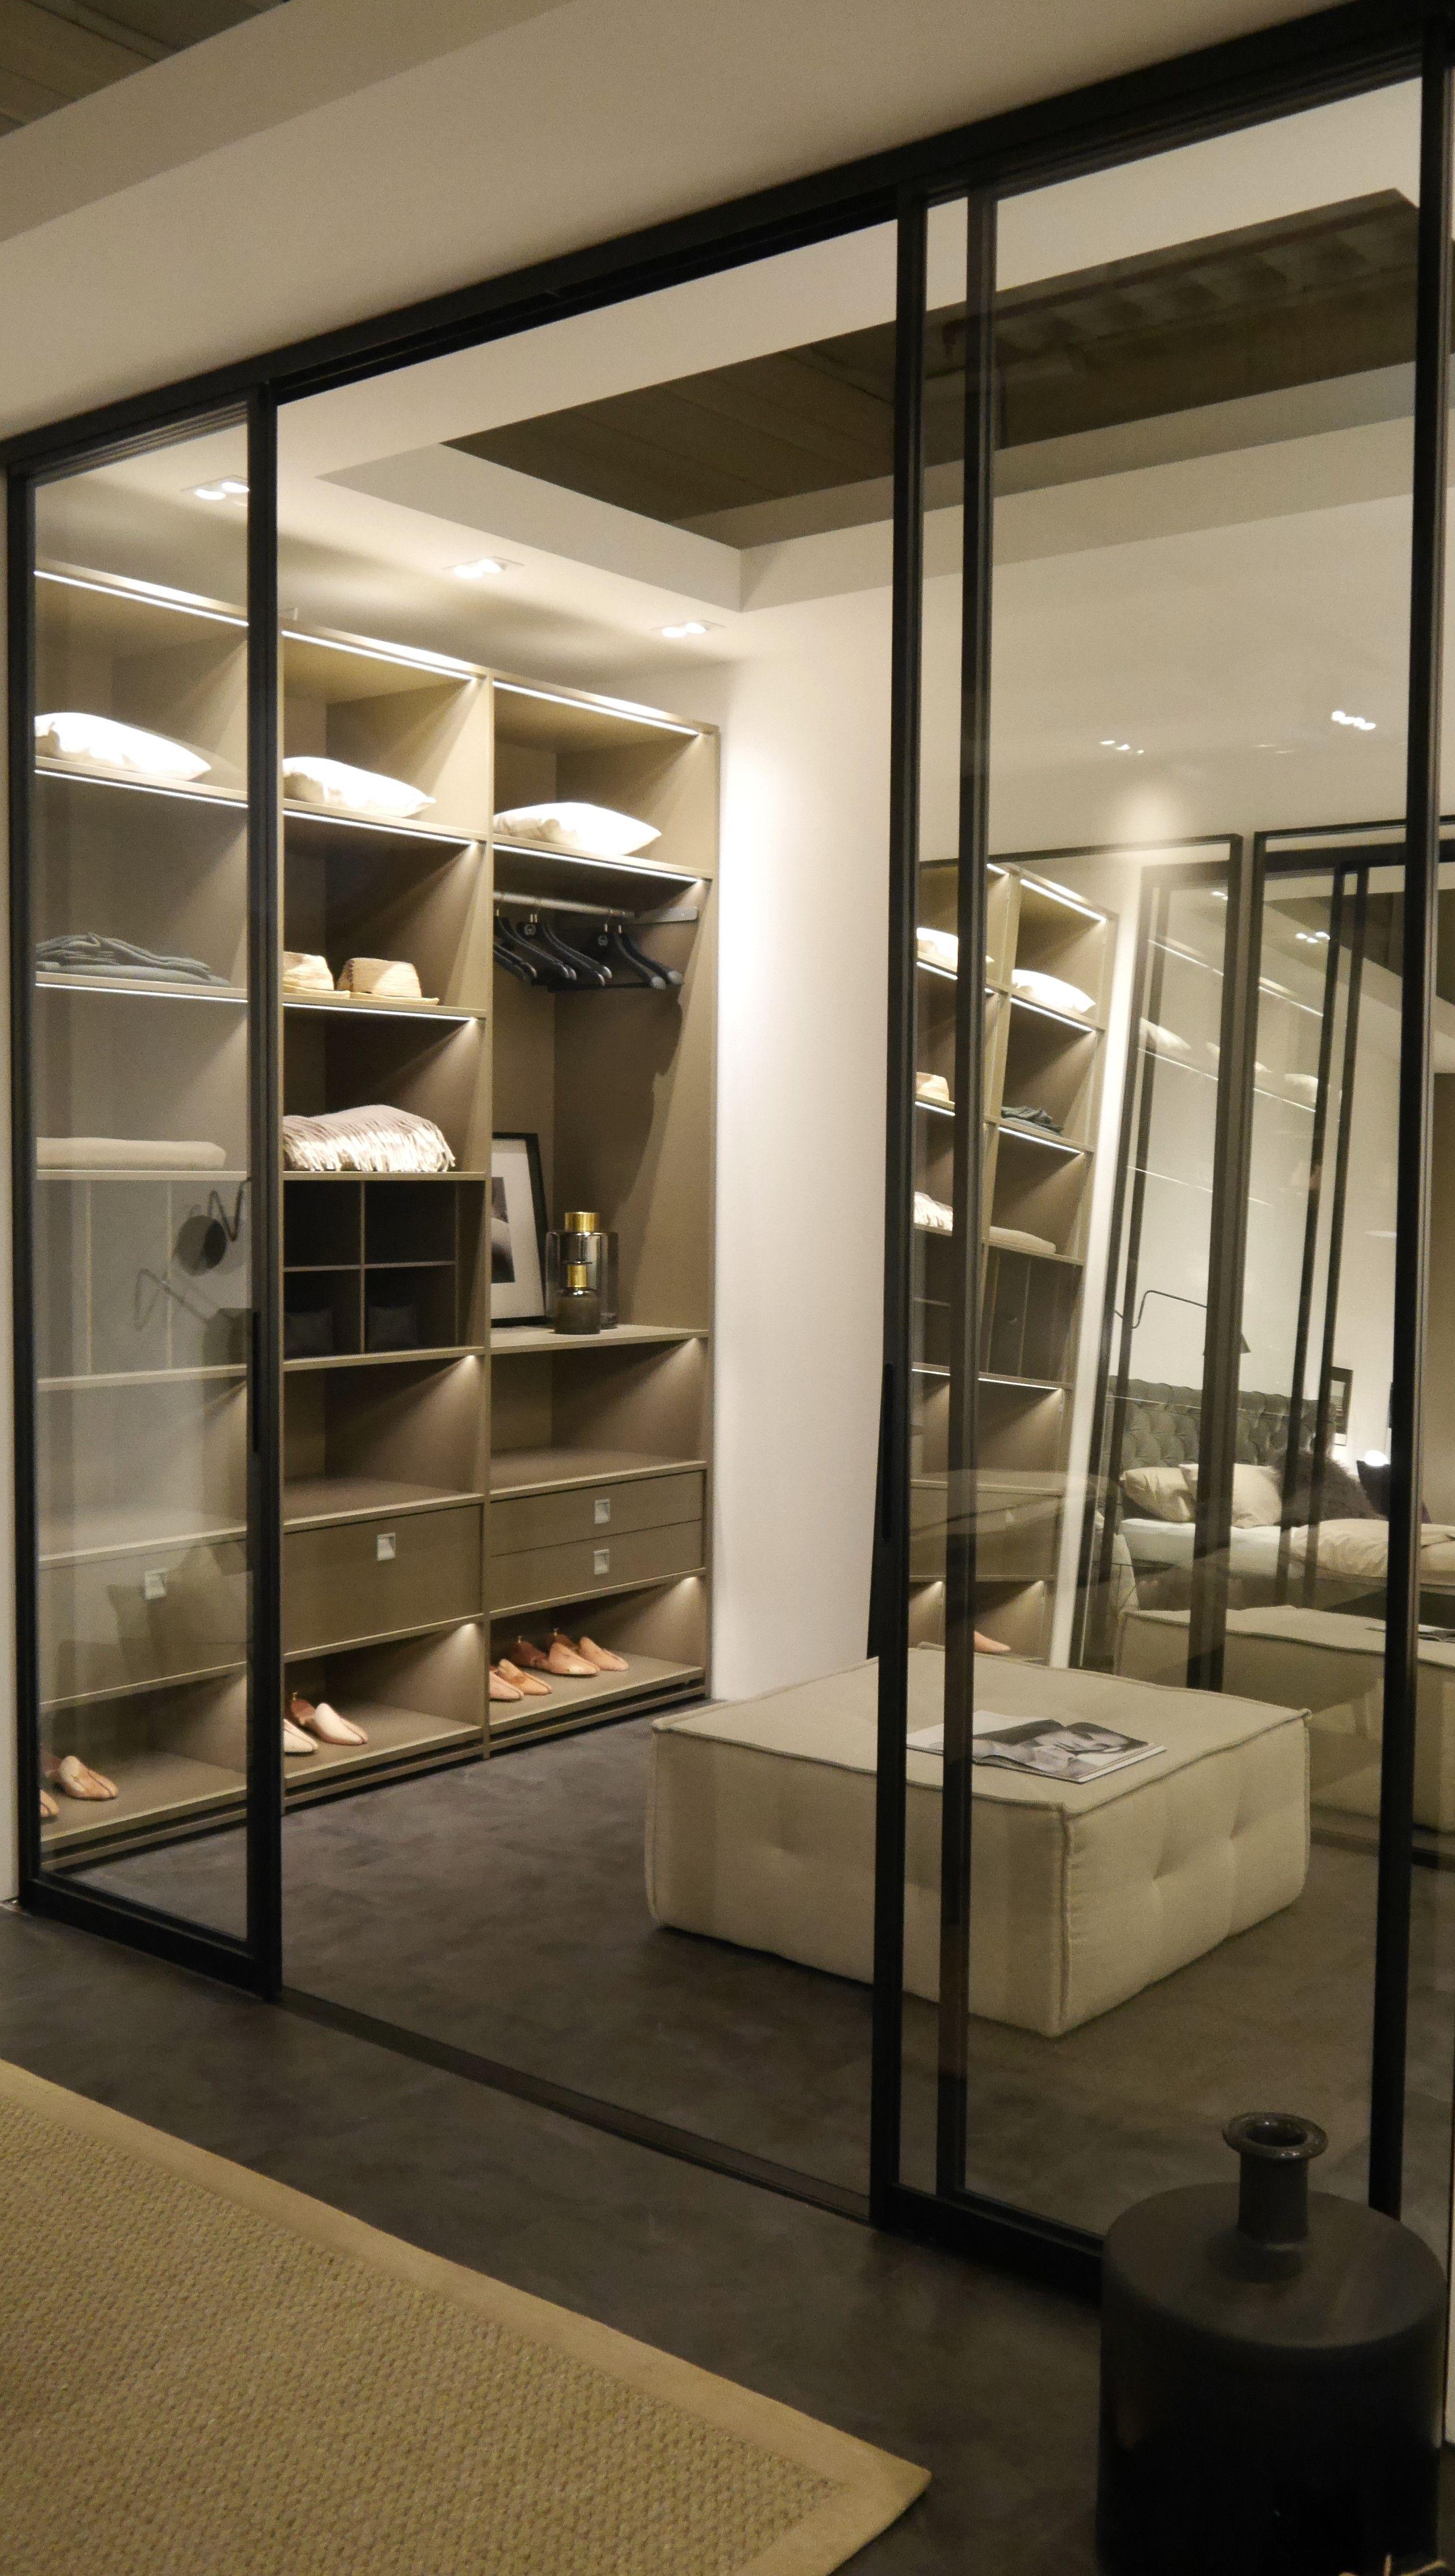 Schlafzimmer Industrial | Im Schlafzimmer Schlafzimmer Zum Ankleideraum Schiebetur